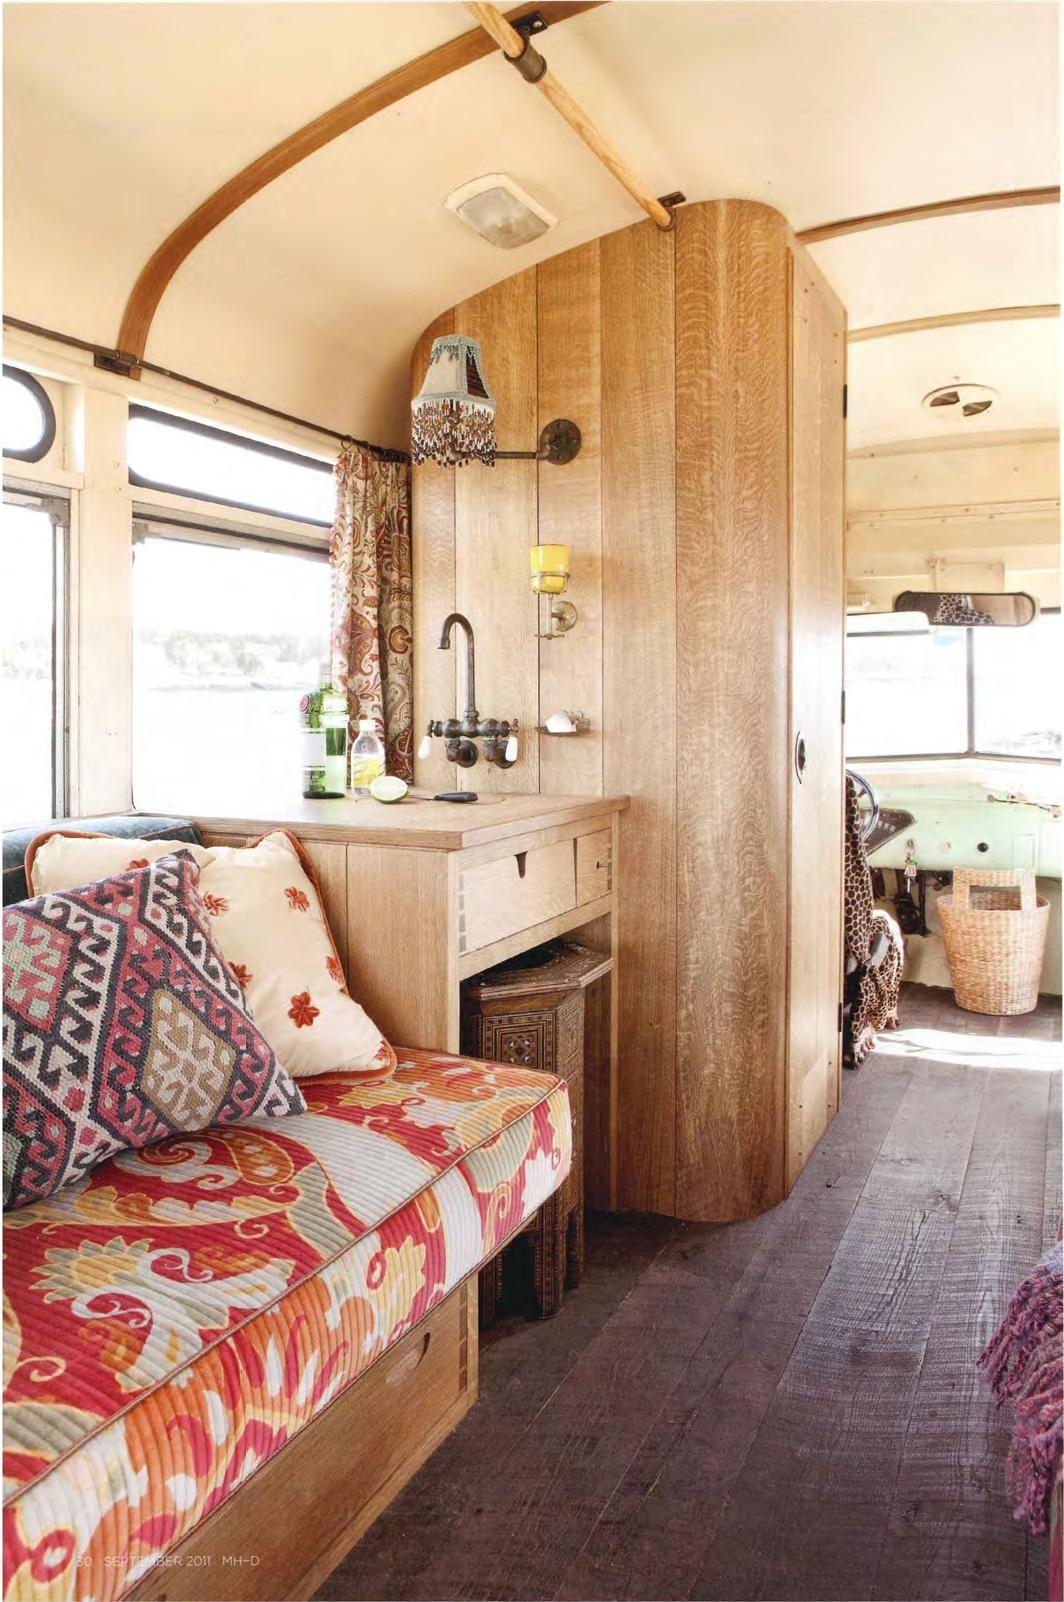 Lavabo Caravana.Interior De Un Remolque Que Muestra Un Lavabo Y Un Sillon